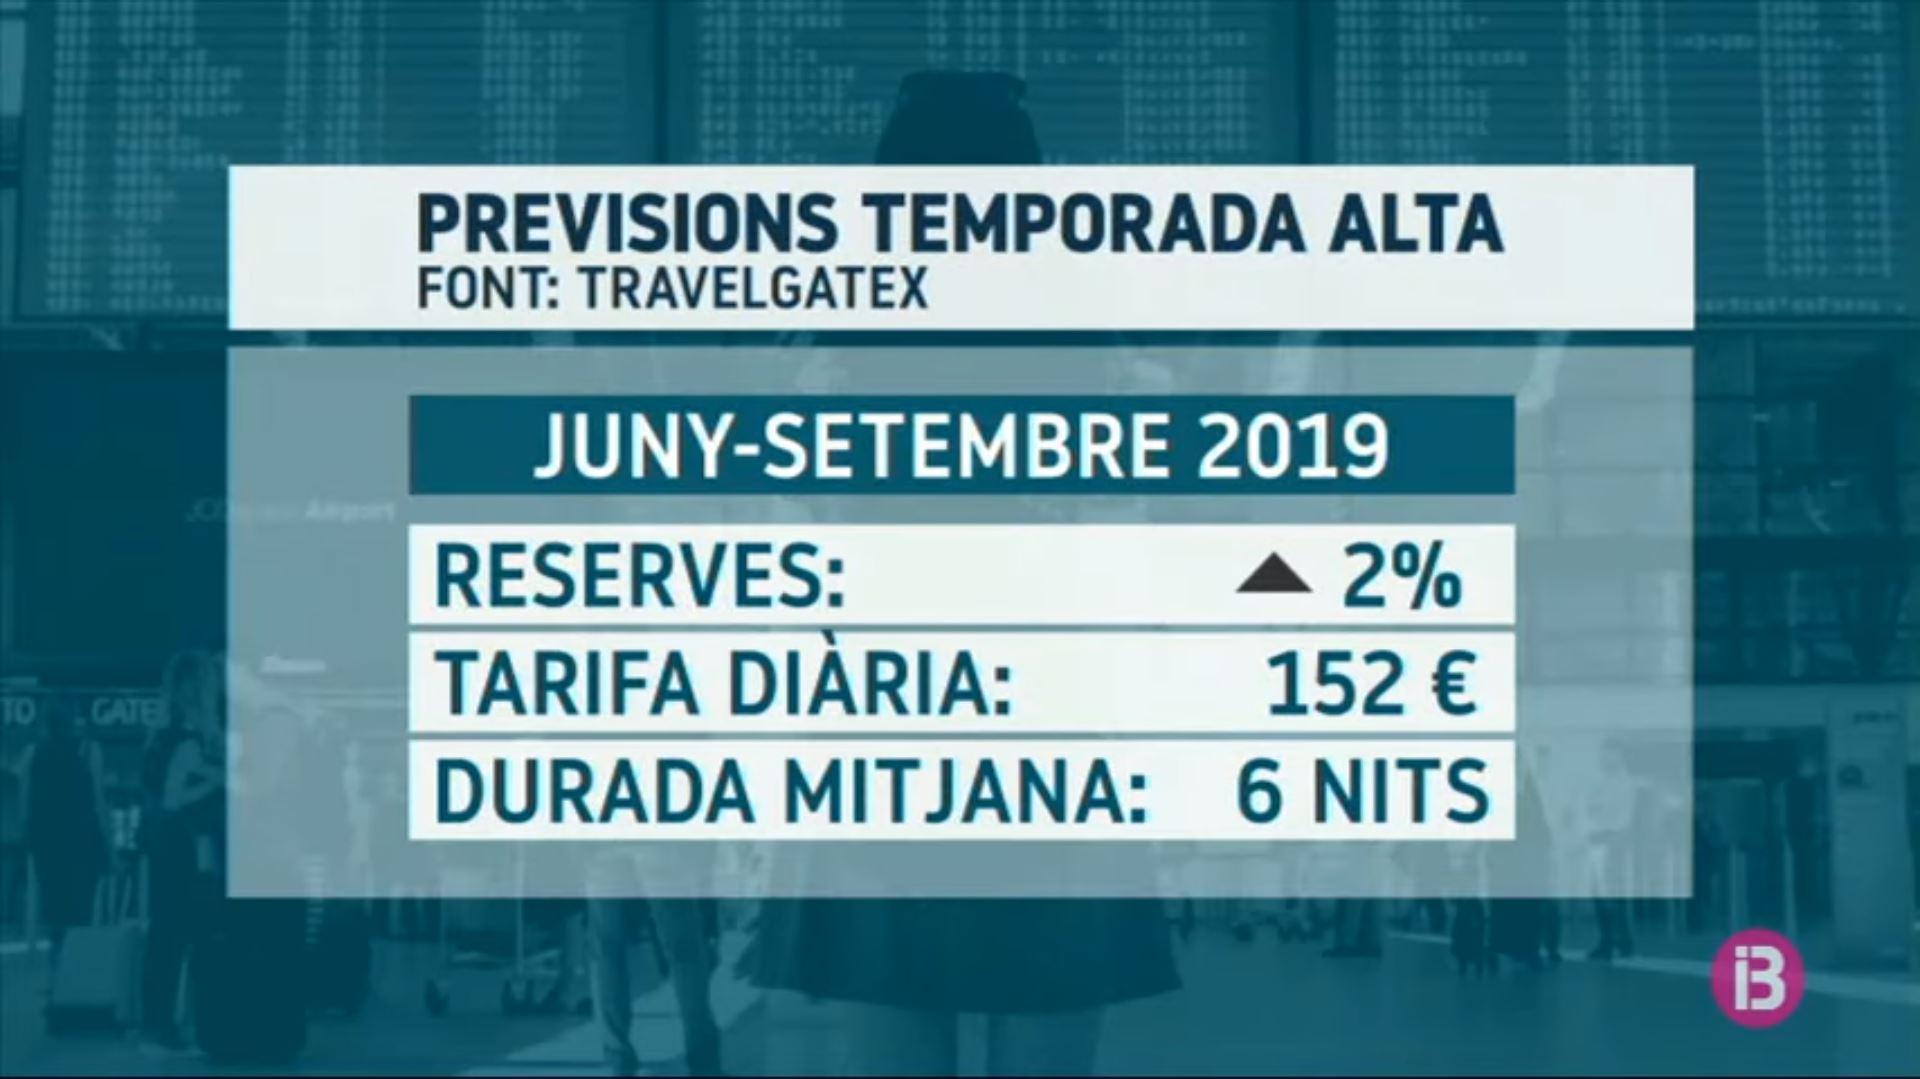 Un+estudi+de+%27big+data%27+indica+un+creixement+del+2%25+en+les+reserves+aquest+estiu